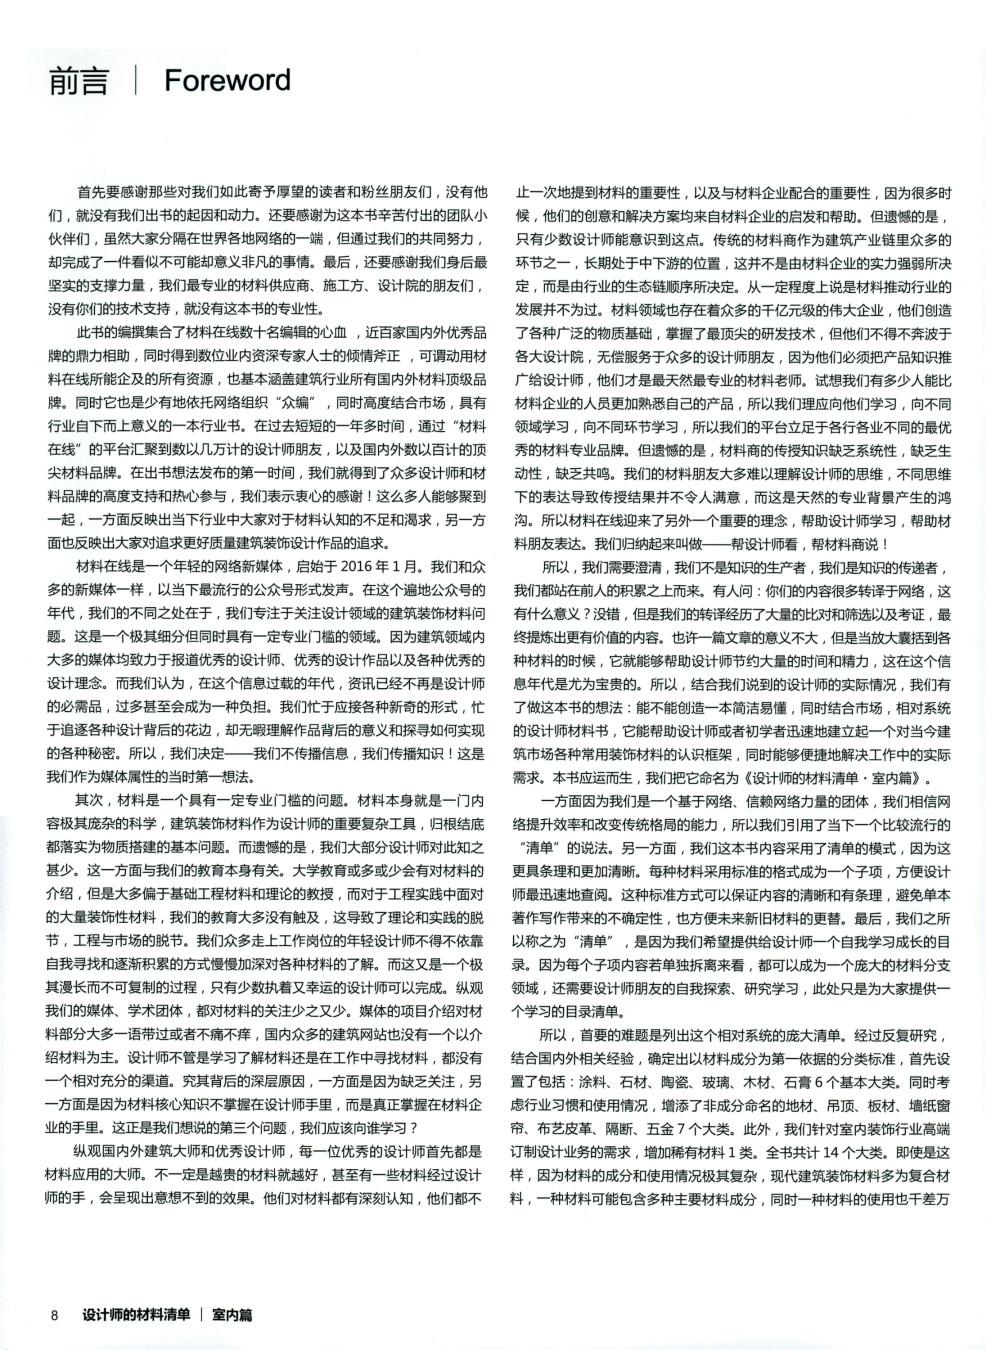 《设计师的材料清单·室内篇》(含高清PDF+JPG图片_0008.jpg